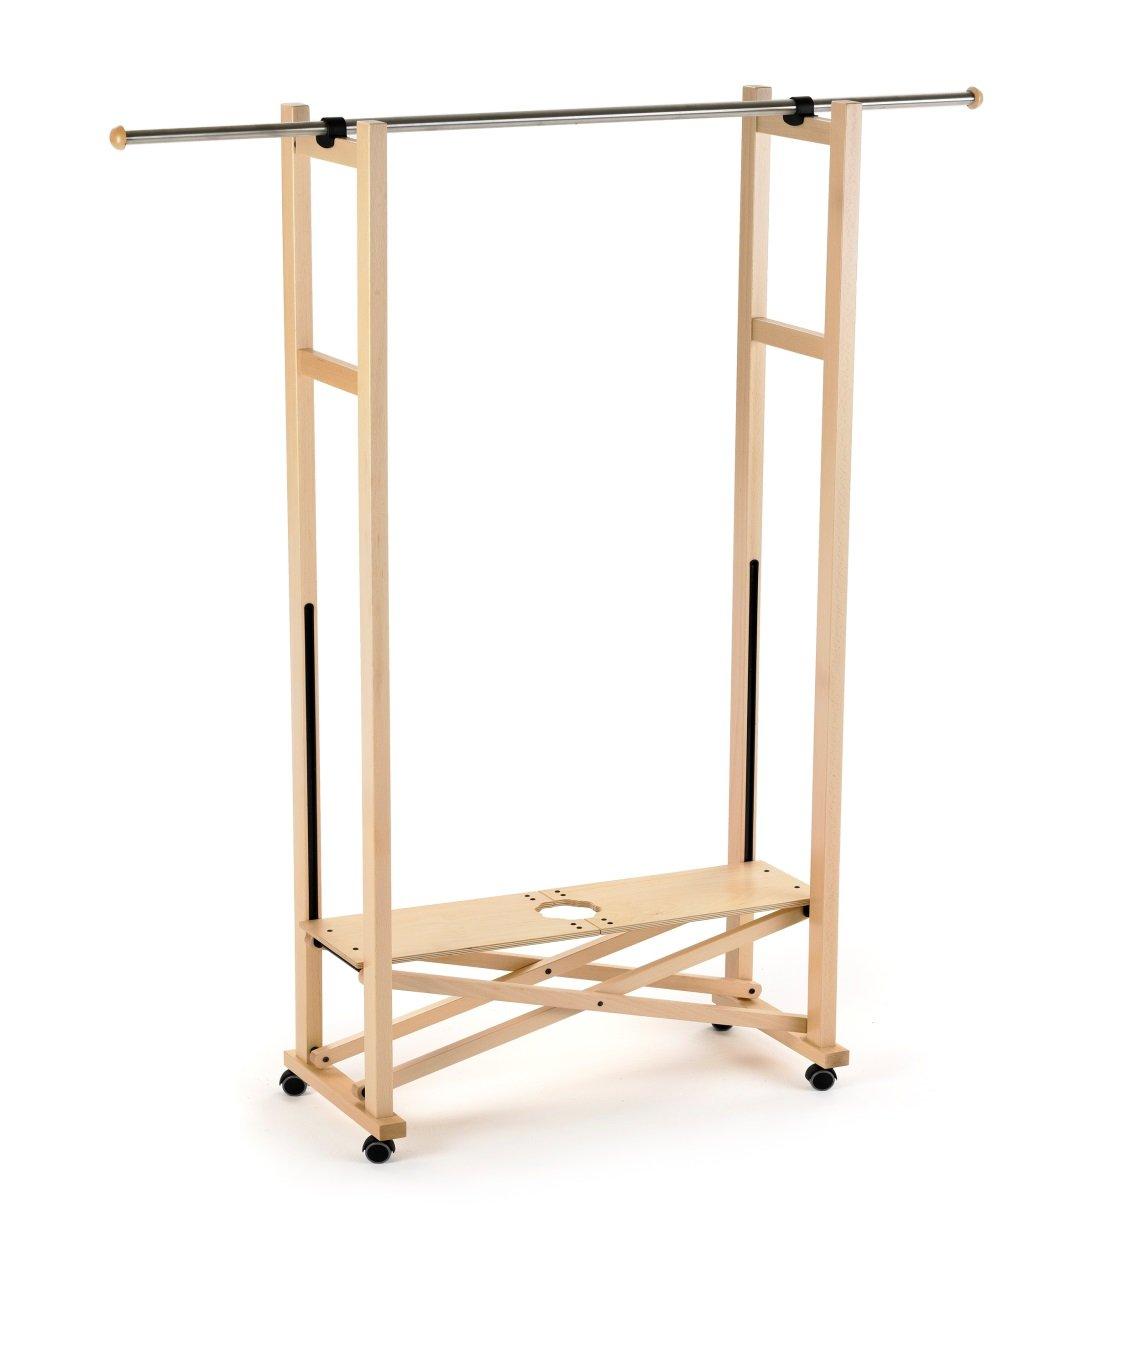 ARROTAMENTI ITALIA Garderobe ELIOS, Holz - Klappbar - Ausziehbar - Farbe  Naturlich Ar-It il cuore del legno